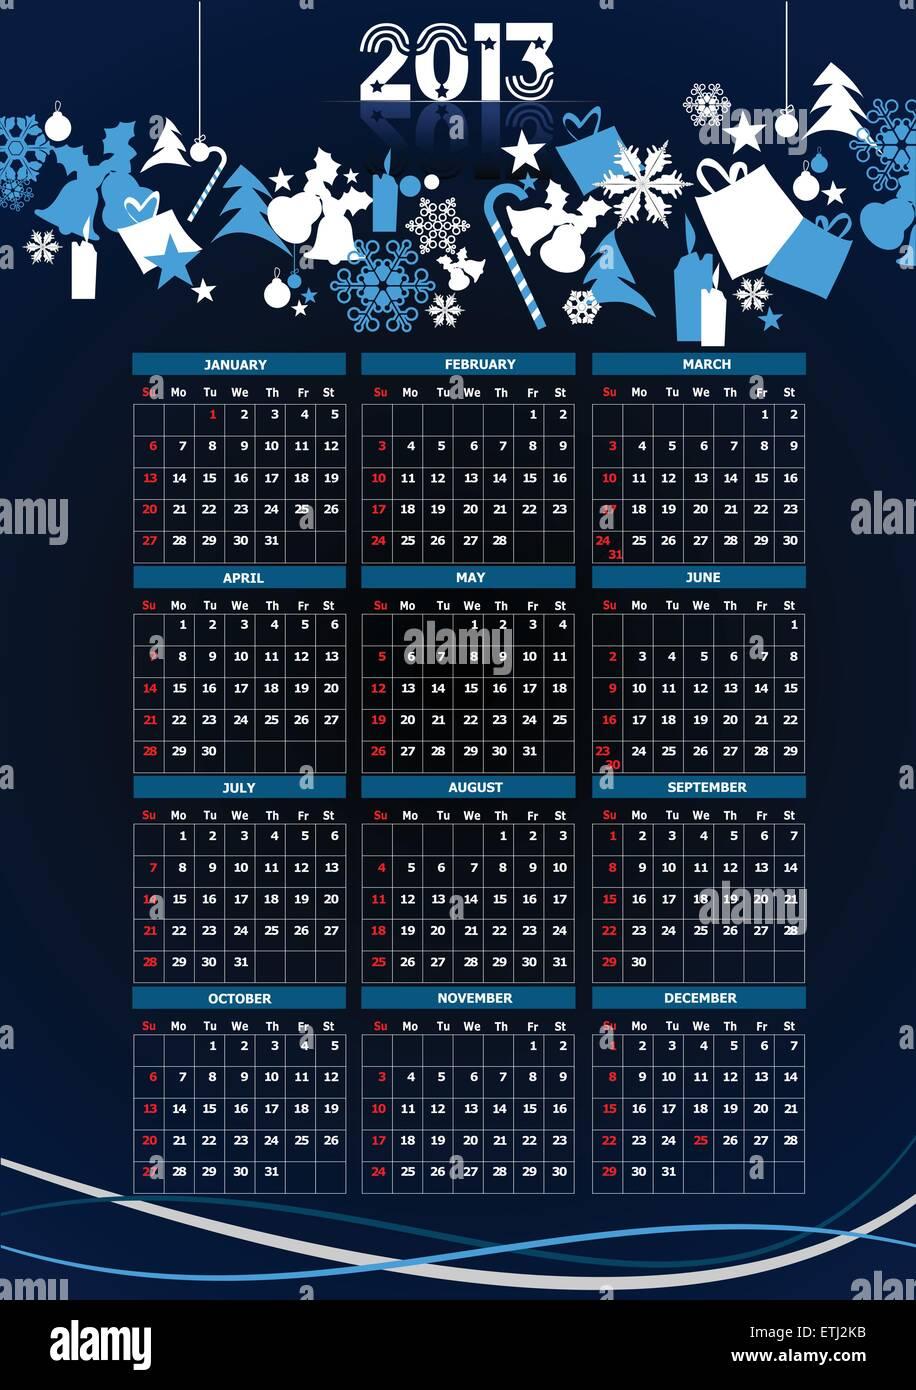 Weihnachtsbilder Suchen.Kalender 2013 Mit Weihnachtsbilder Vektor Illustration Vektor